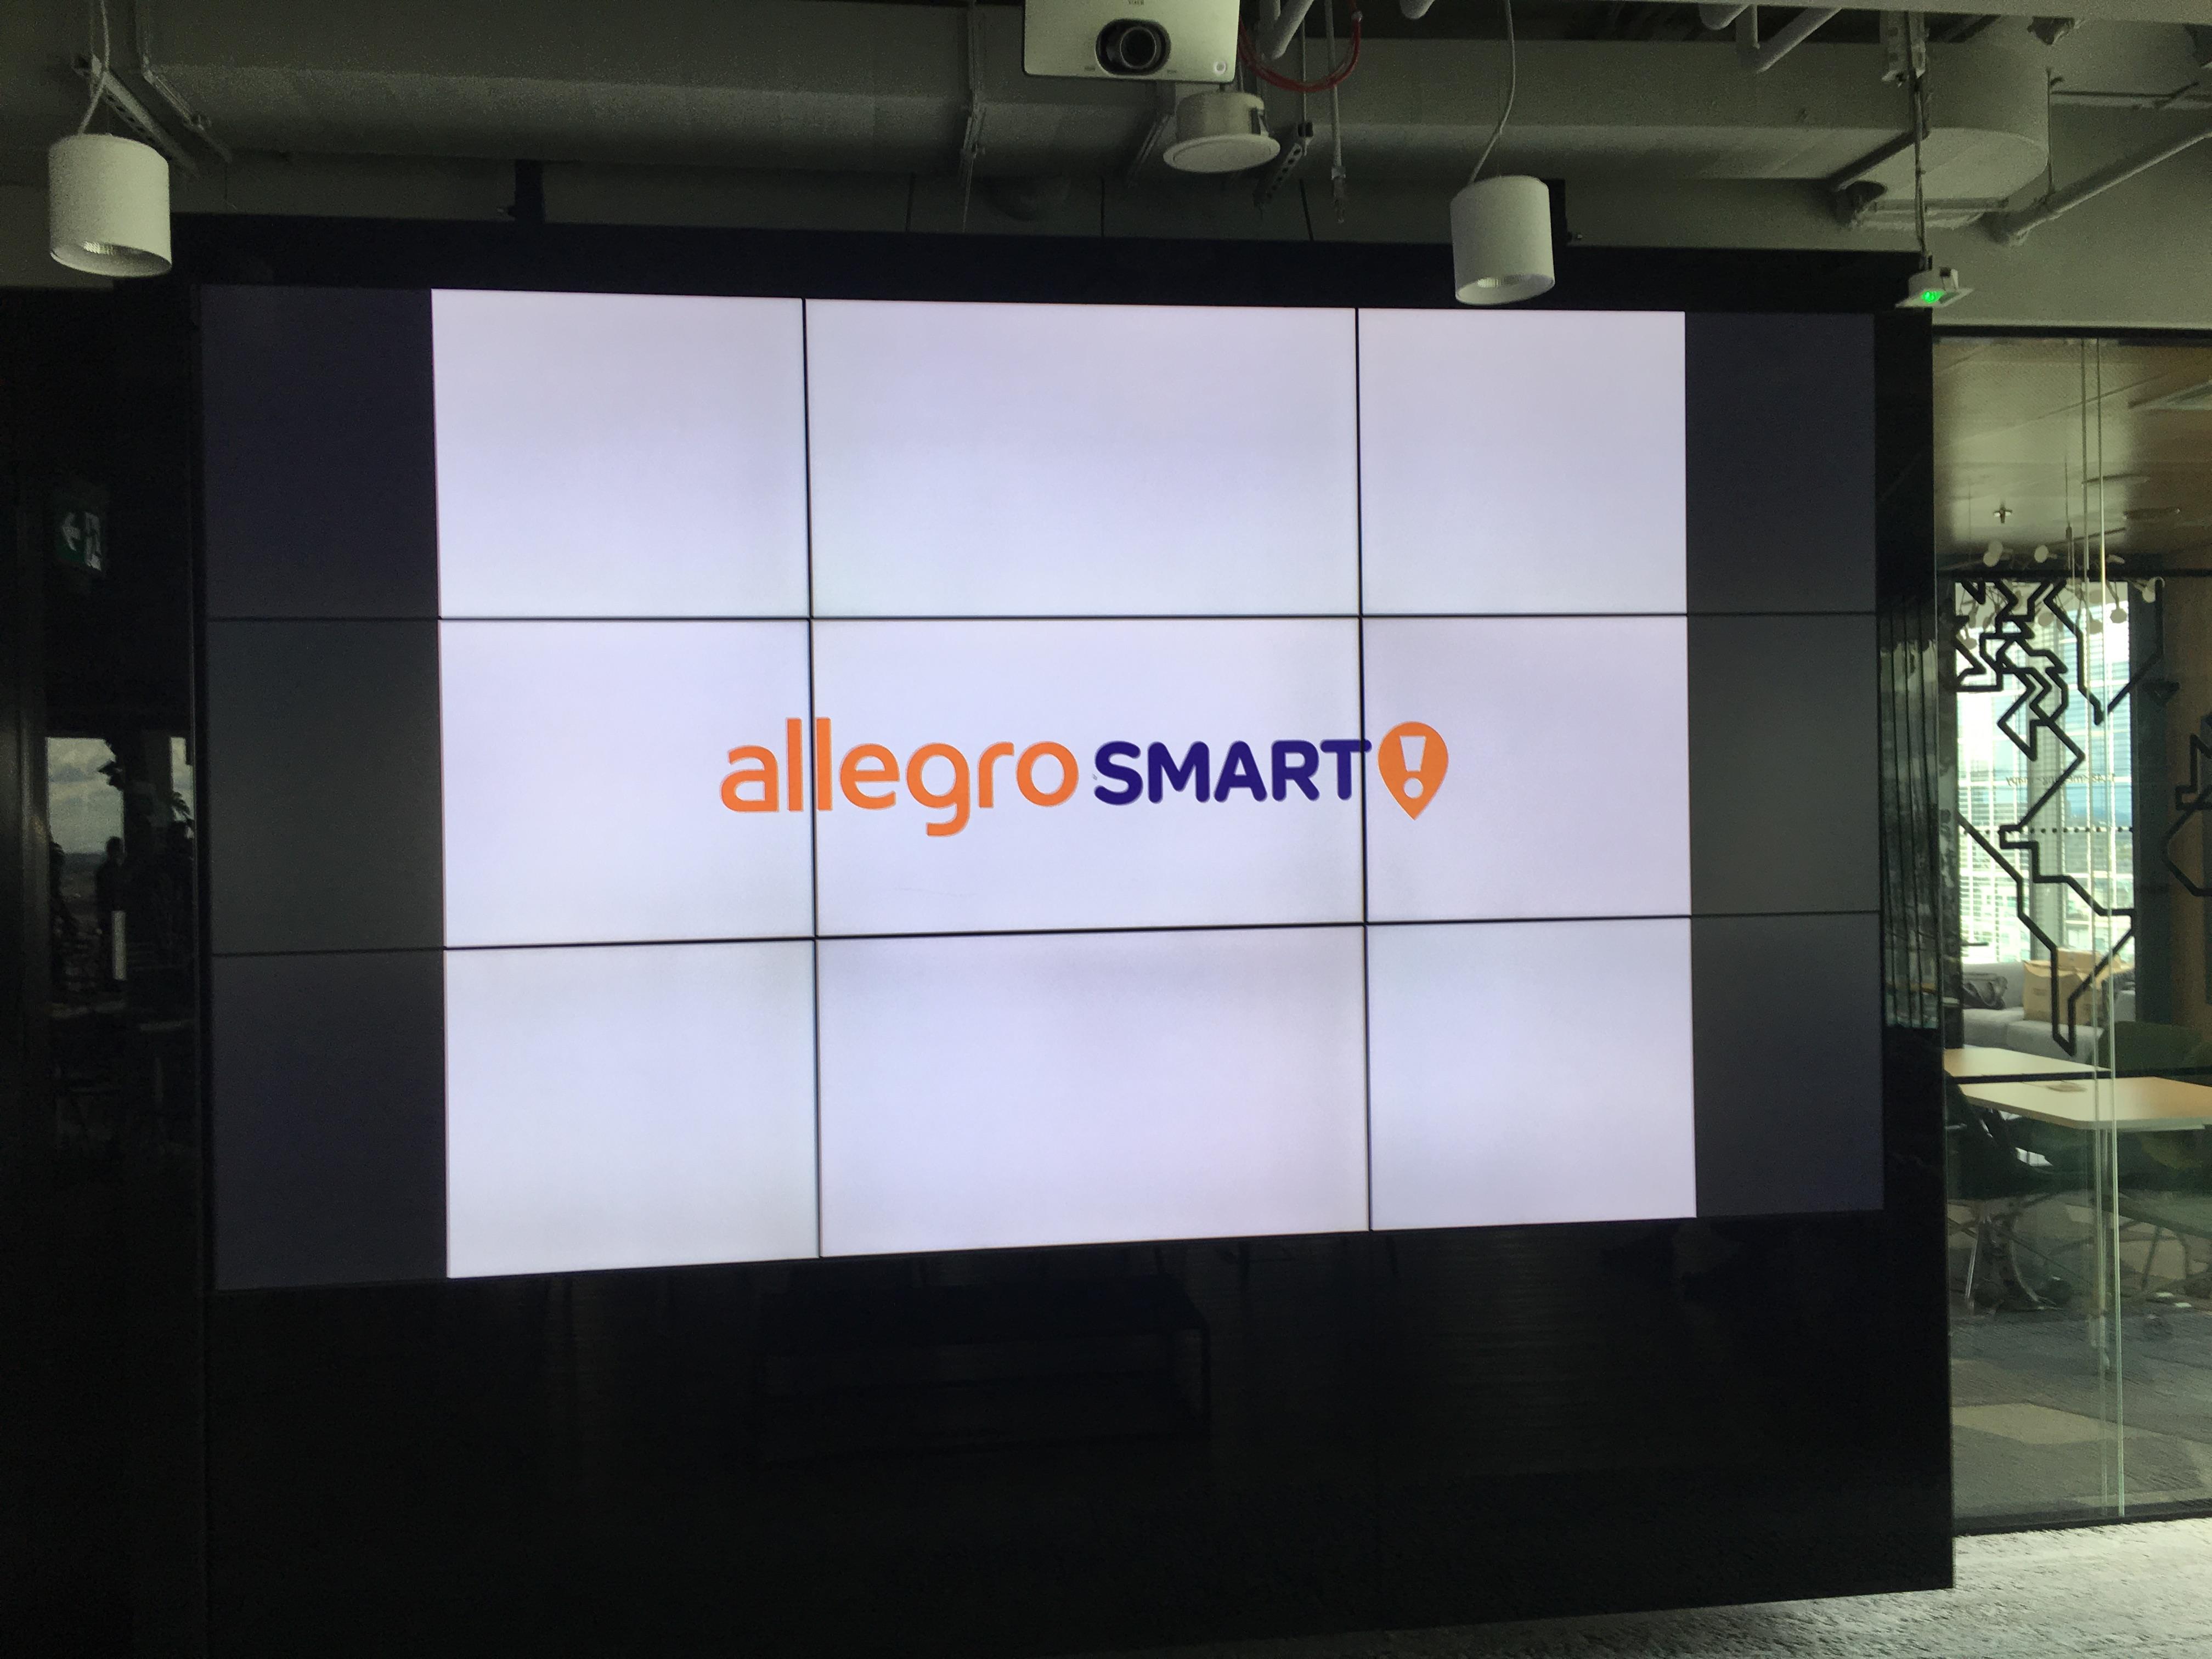 Allegro Wprowadza Usluge Allegro Smart